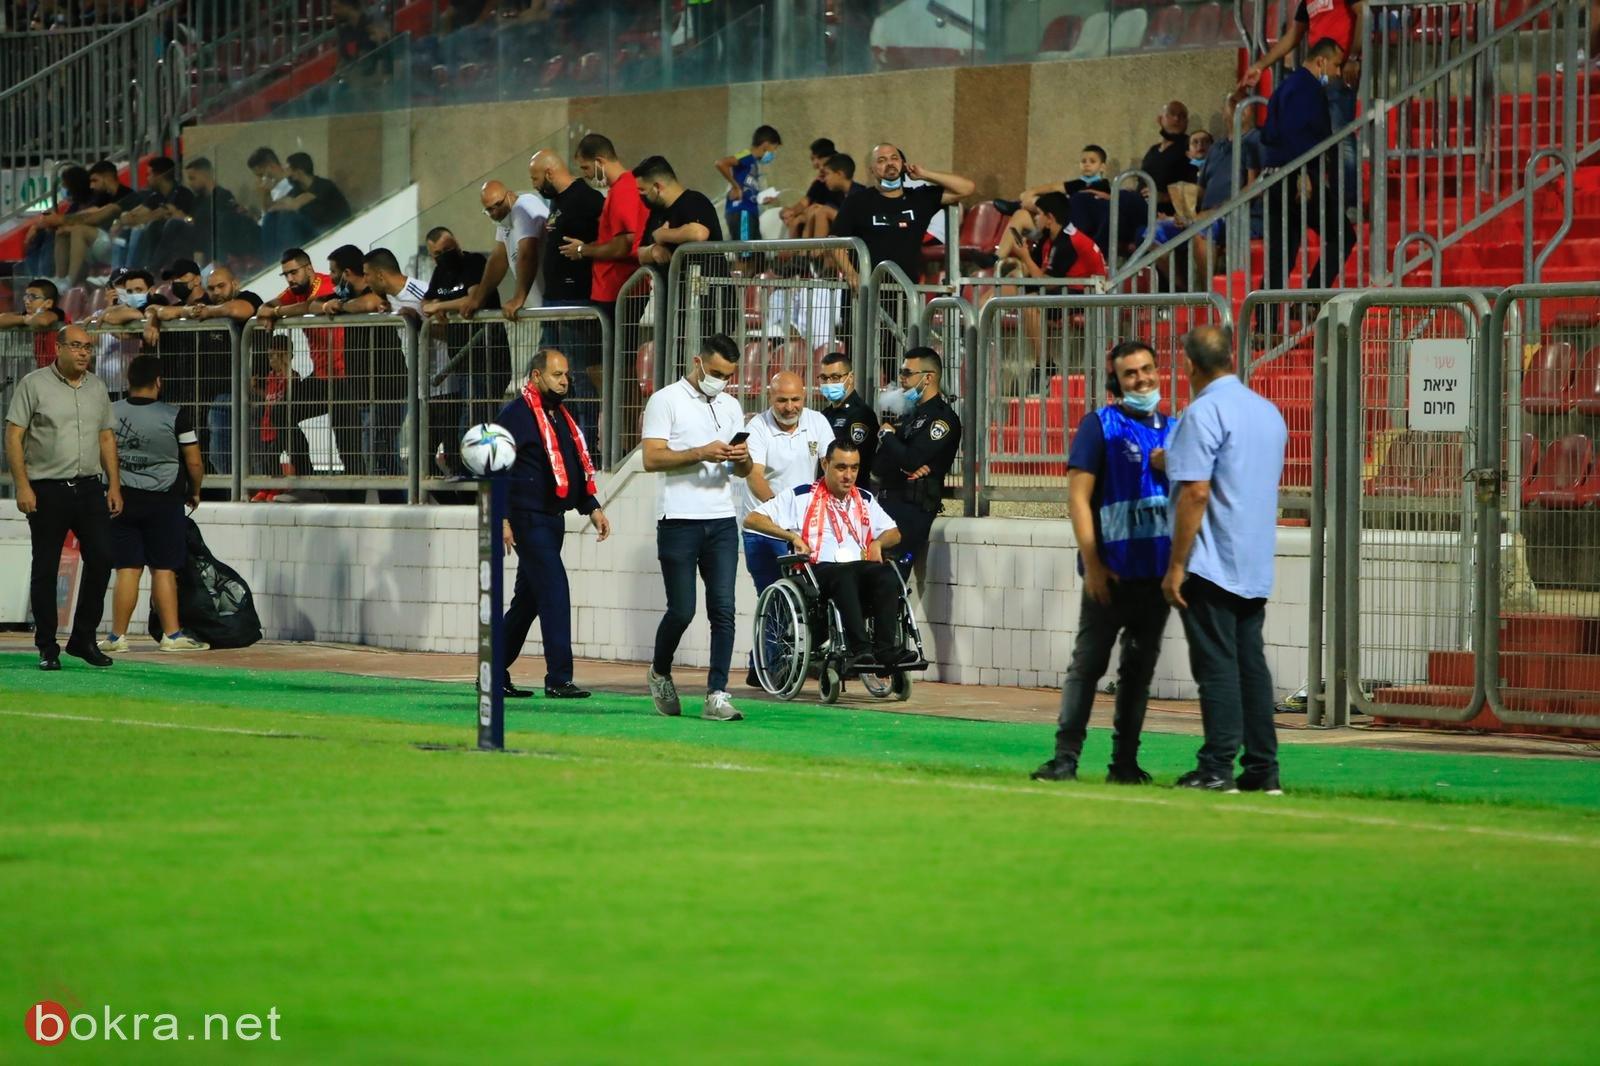 اتحاد سخنين أساء لمديرية كرة القدم!! وتم تغريمه بـ30 الف شيكل-3